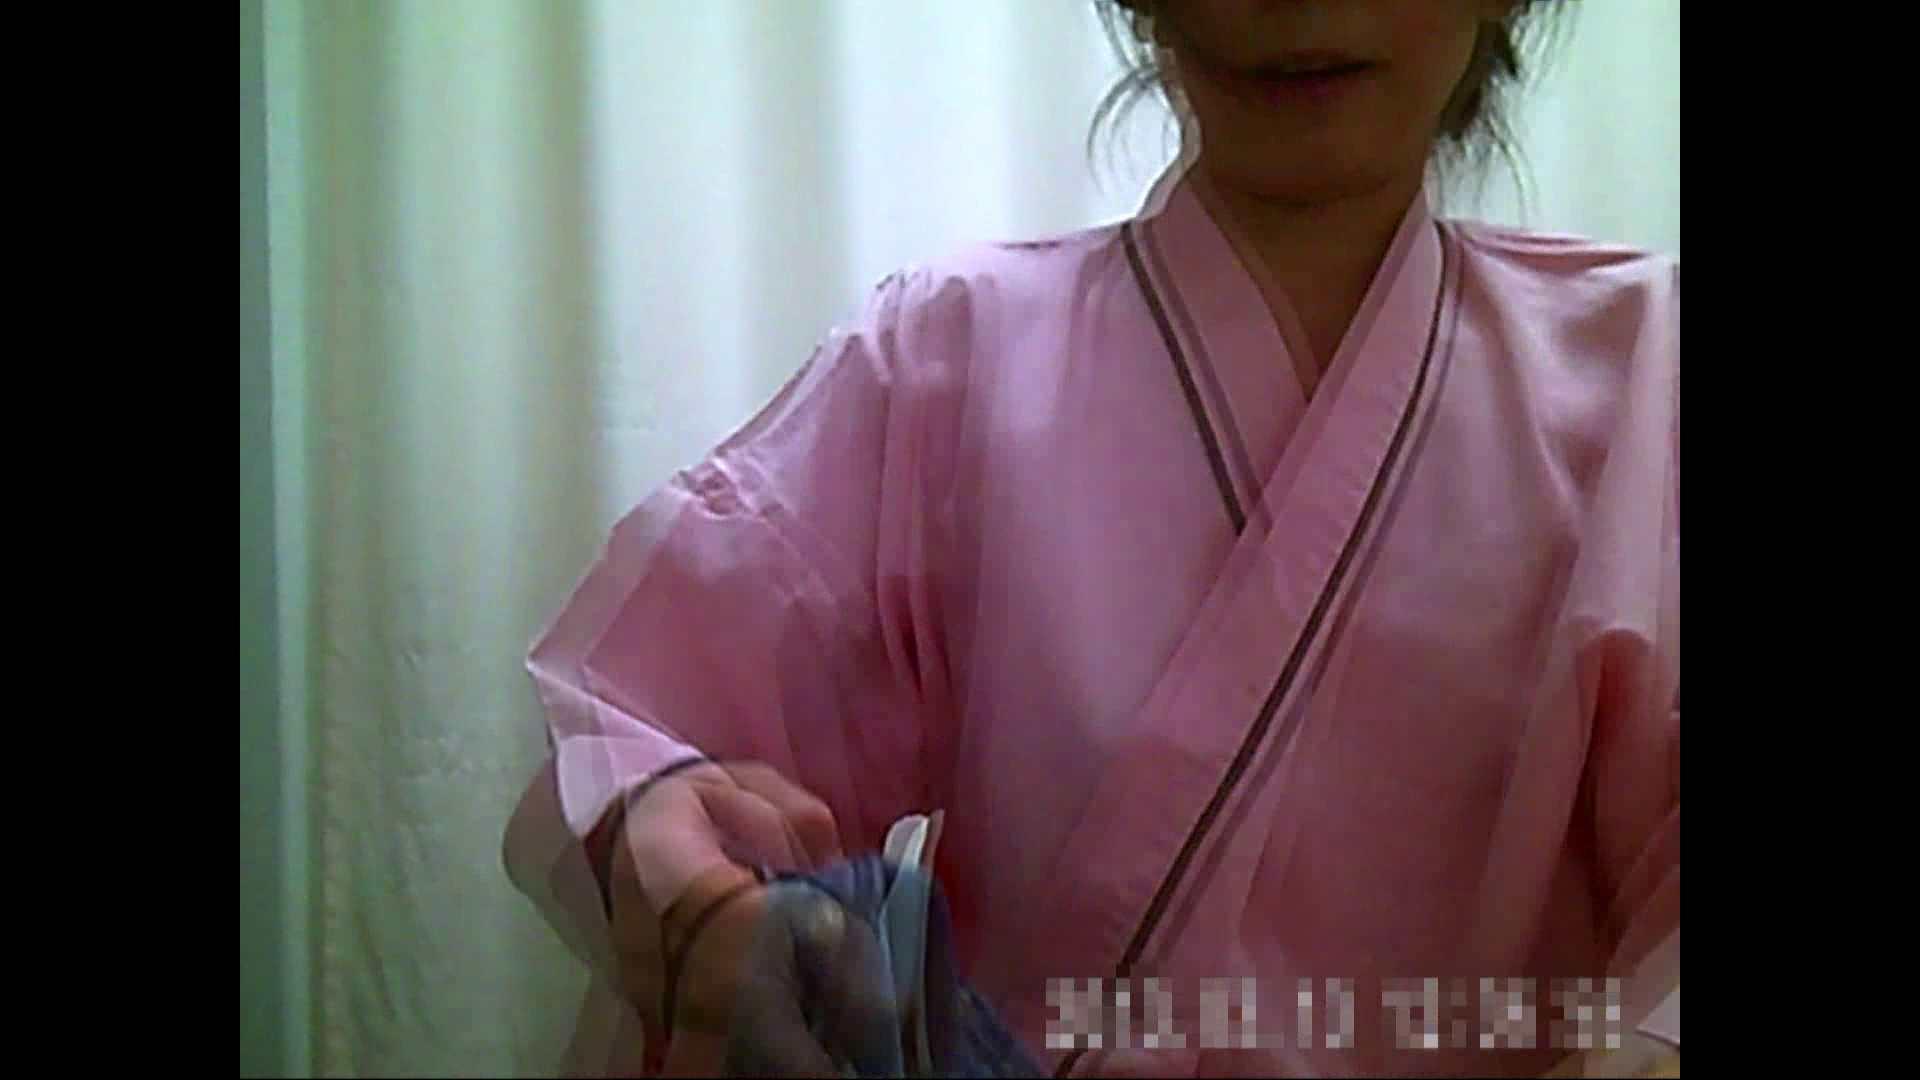 元医者による反抗 更衣室地獄絵巻 vol.098 OL | 0  98連発 84